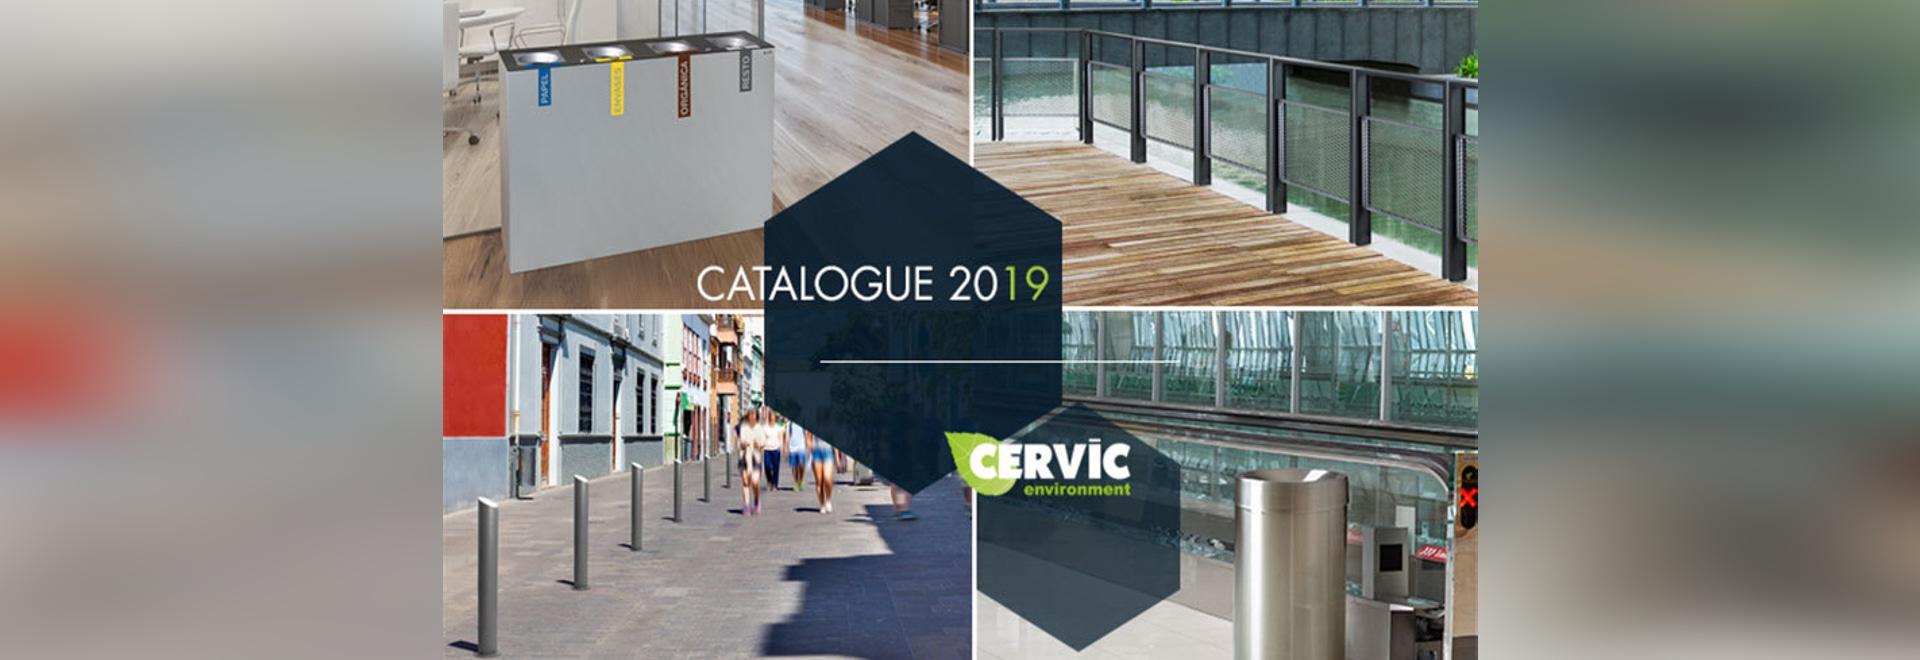 Cervic Environment lanza su Catálogo 2019